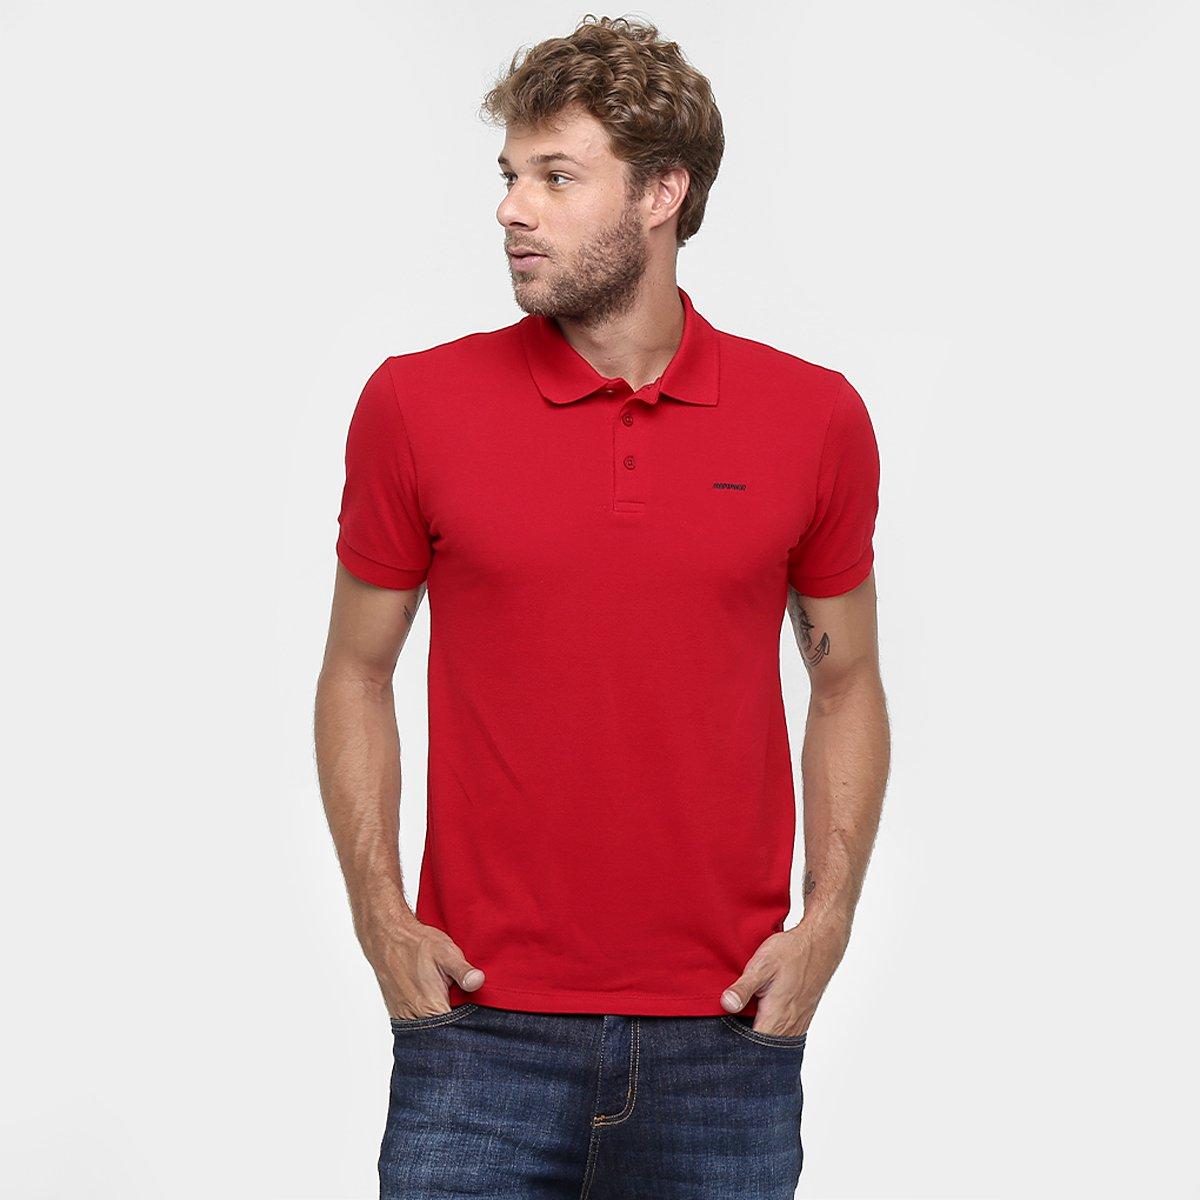 Camisa Polo Sommer Piquet Básica - Compre Agora  7b3dd6ce85961